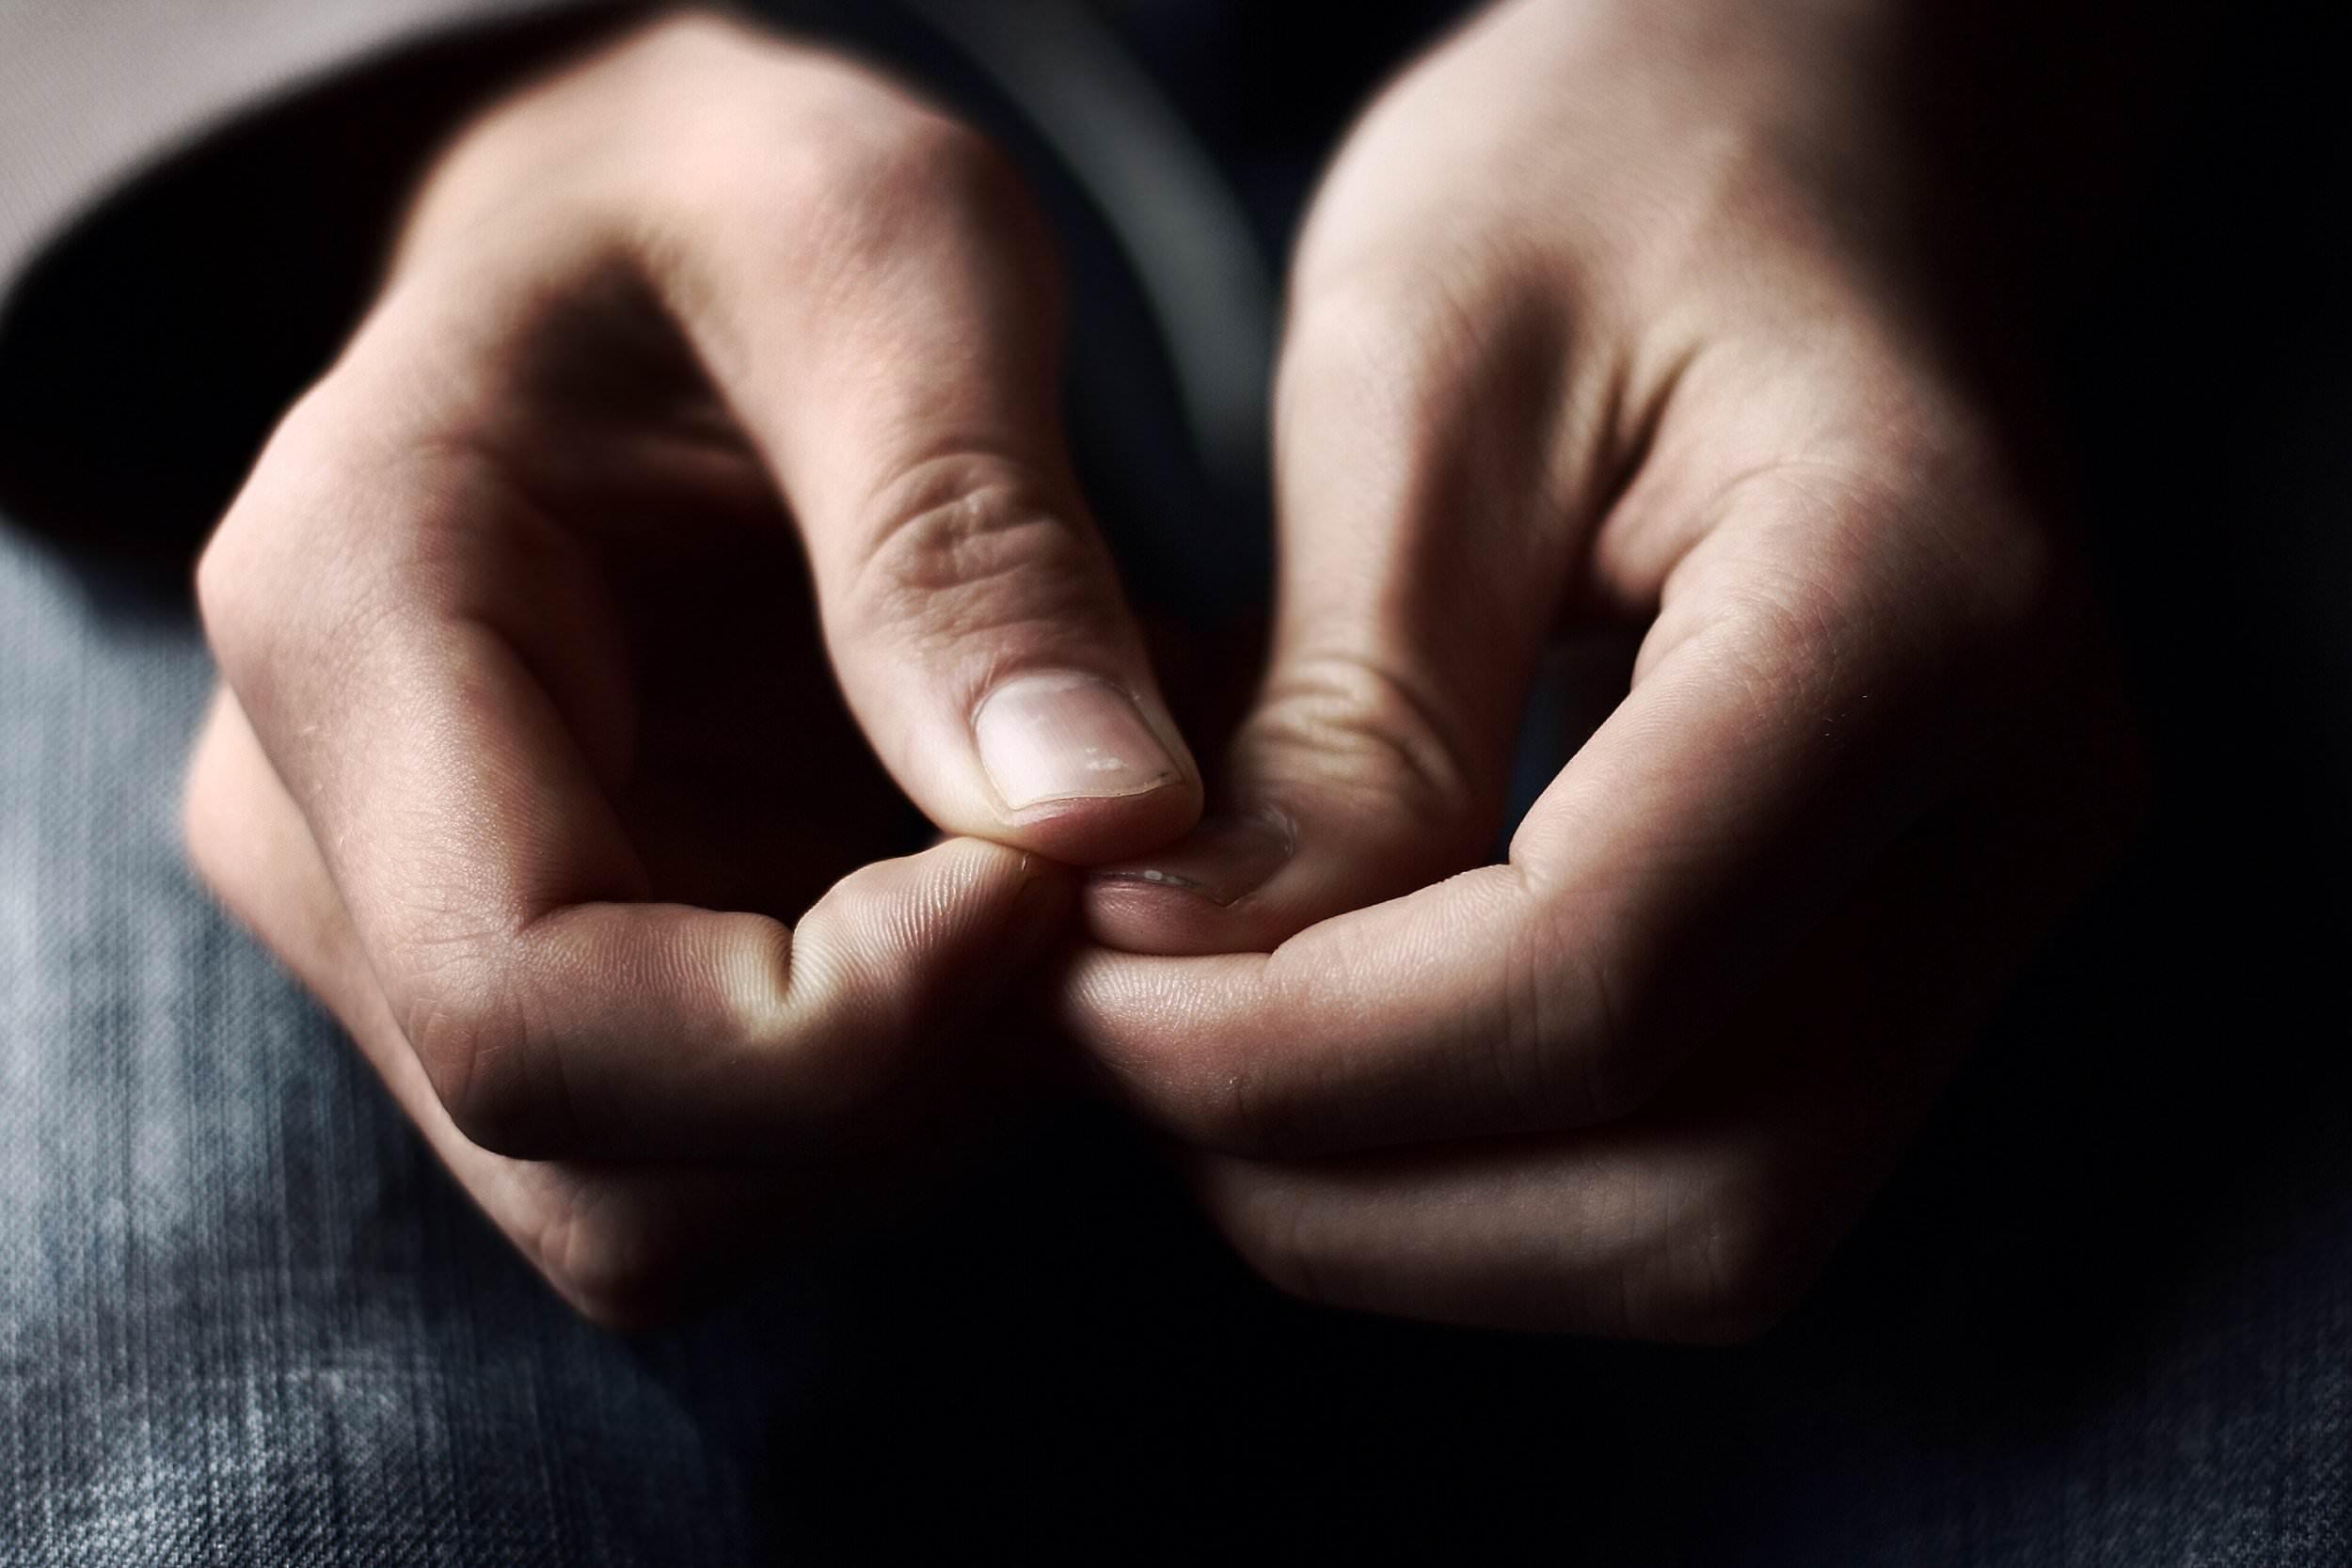 درمان اختلالات اضطراب فراگیر